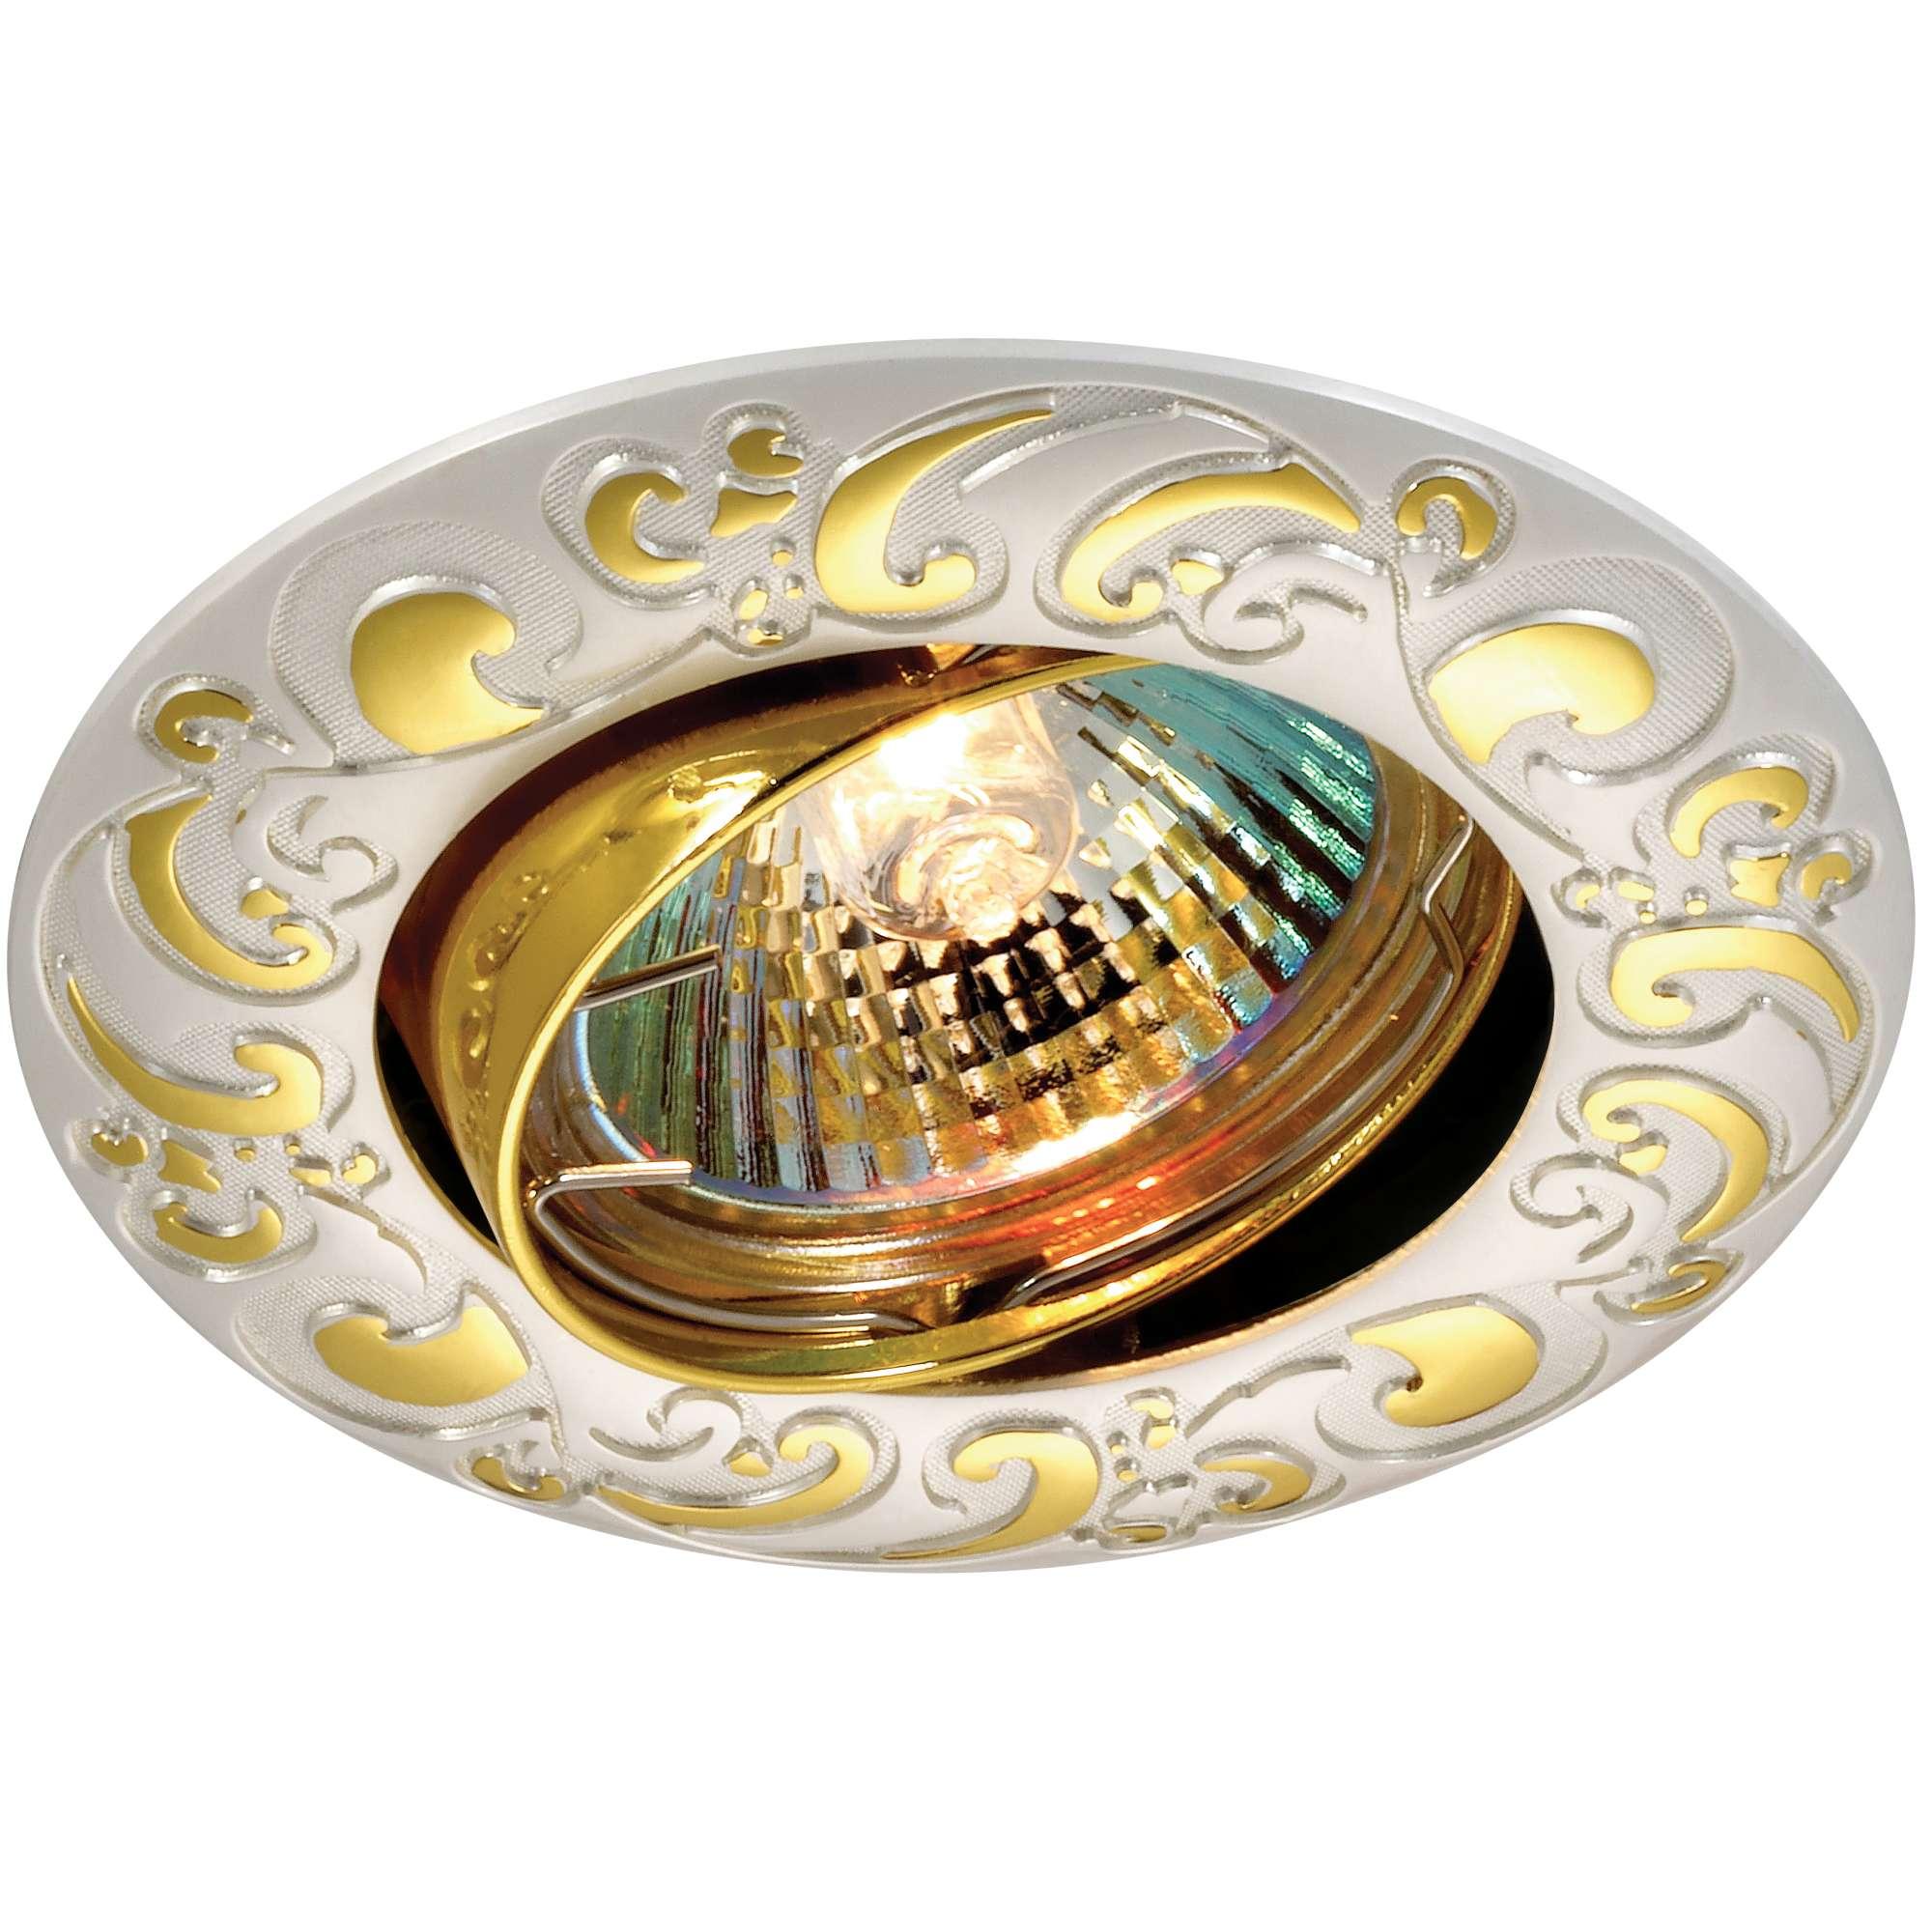 Купить Светильник встраиваемый Novotech Henna nt12 148 369688